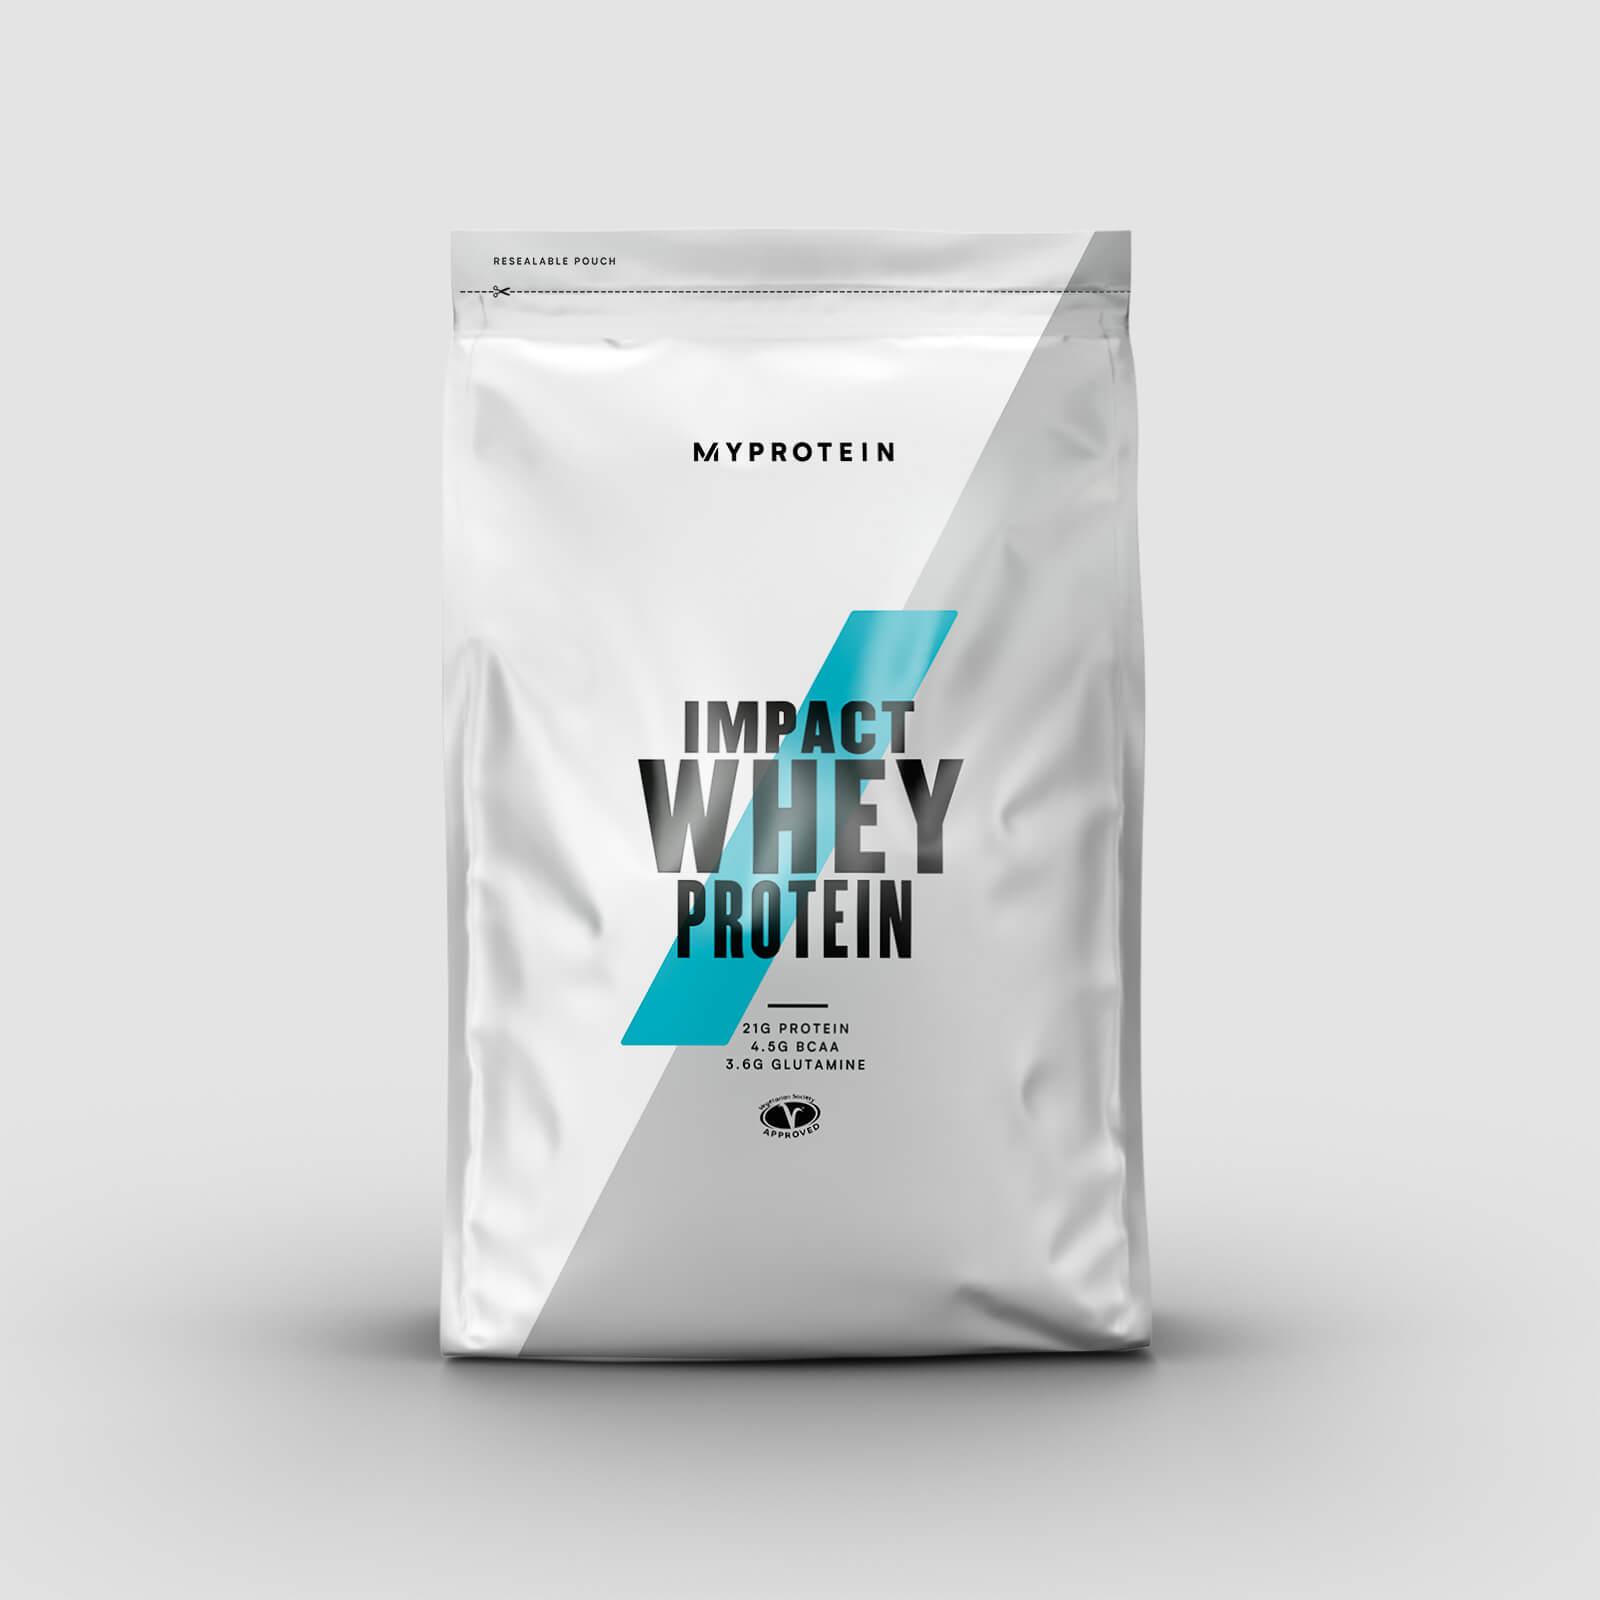 Myprotein Impact Whey Protein - 2.5kg - Vanille et Framboise